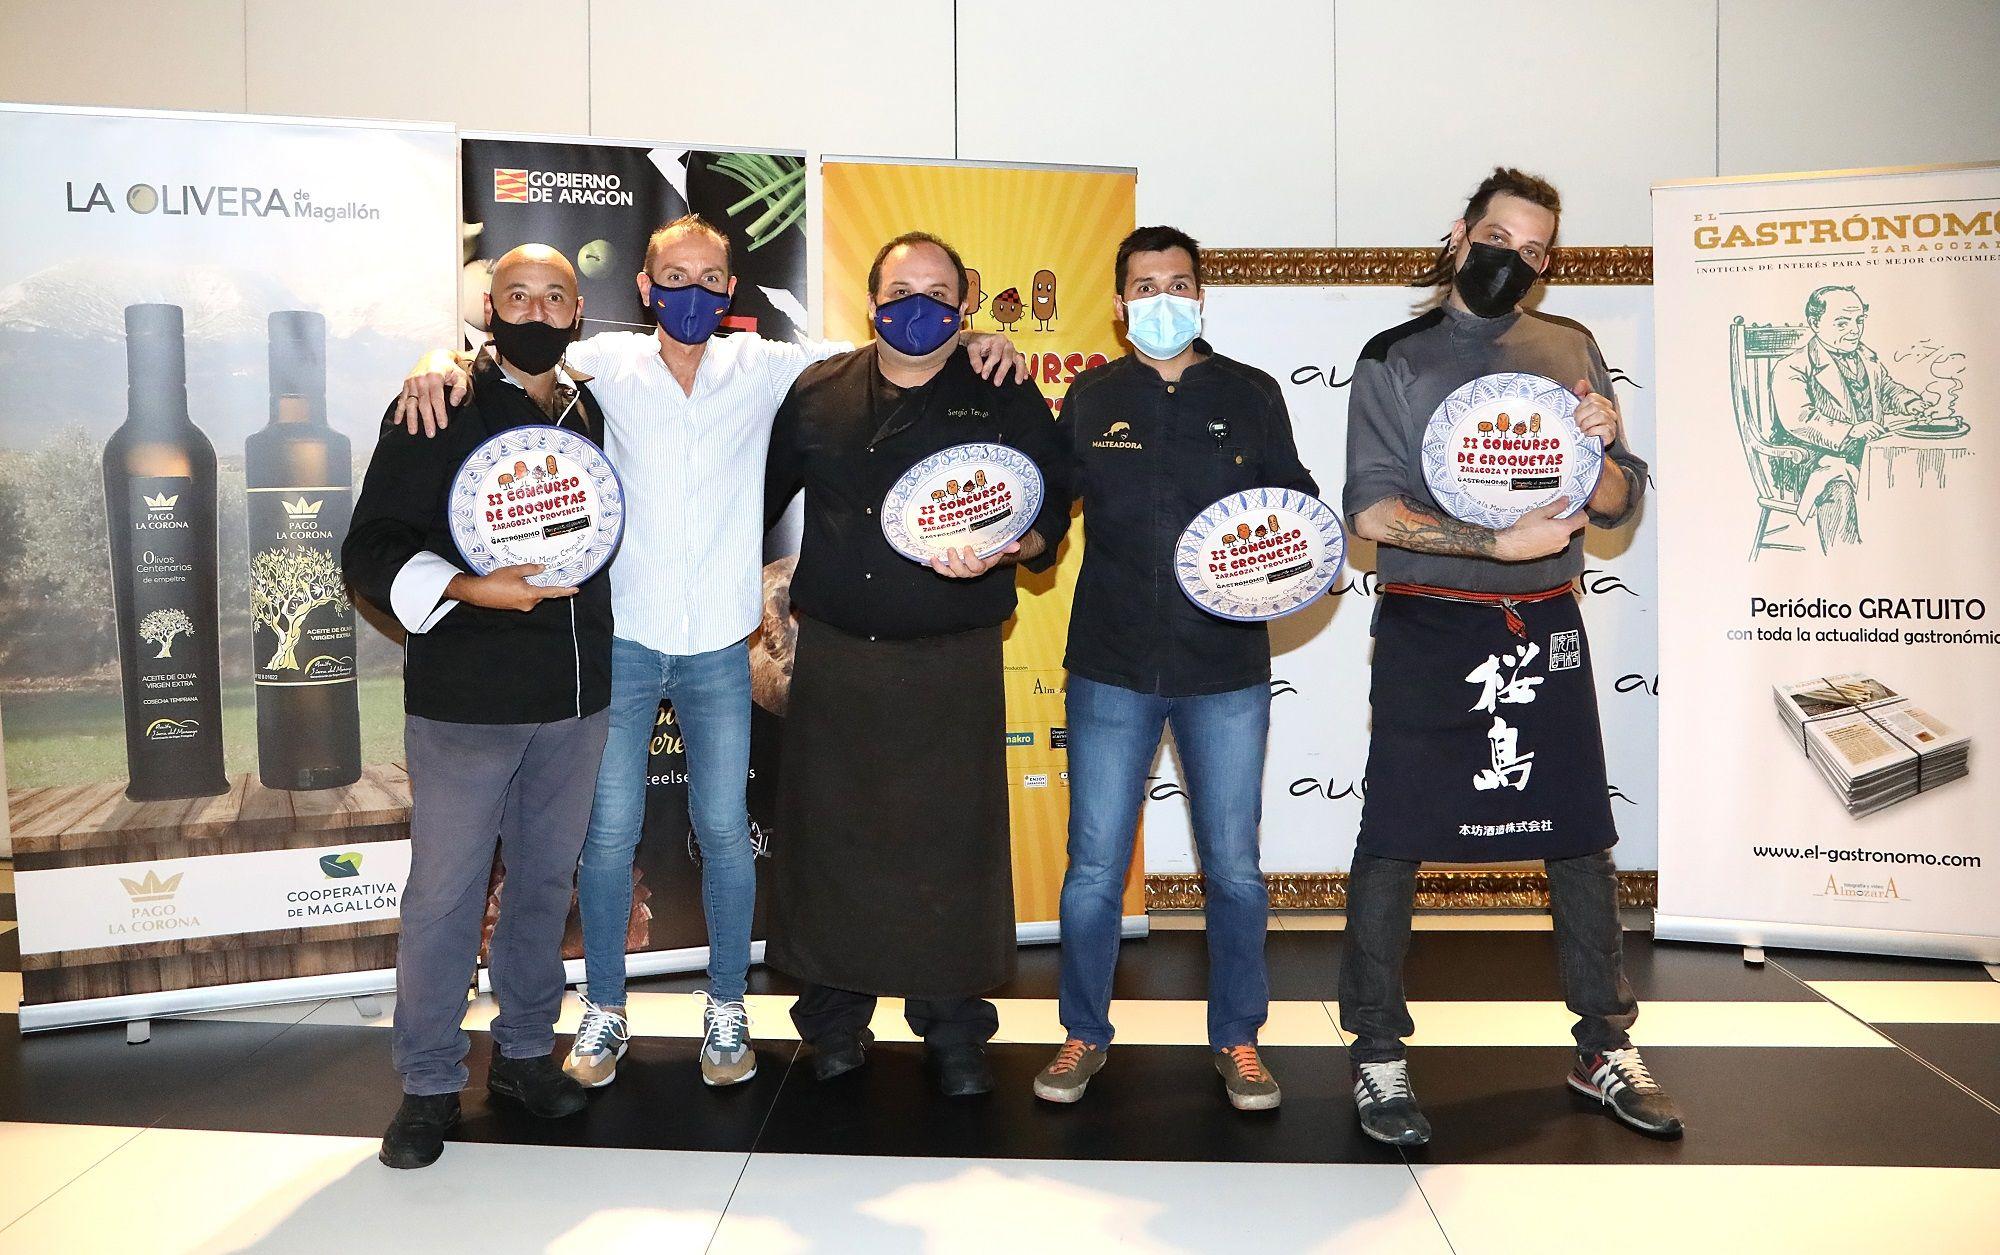 Bar El Truco elabora la mejor croqueta de Zaragoza y provincia